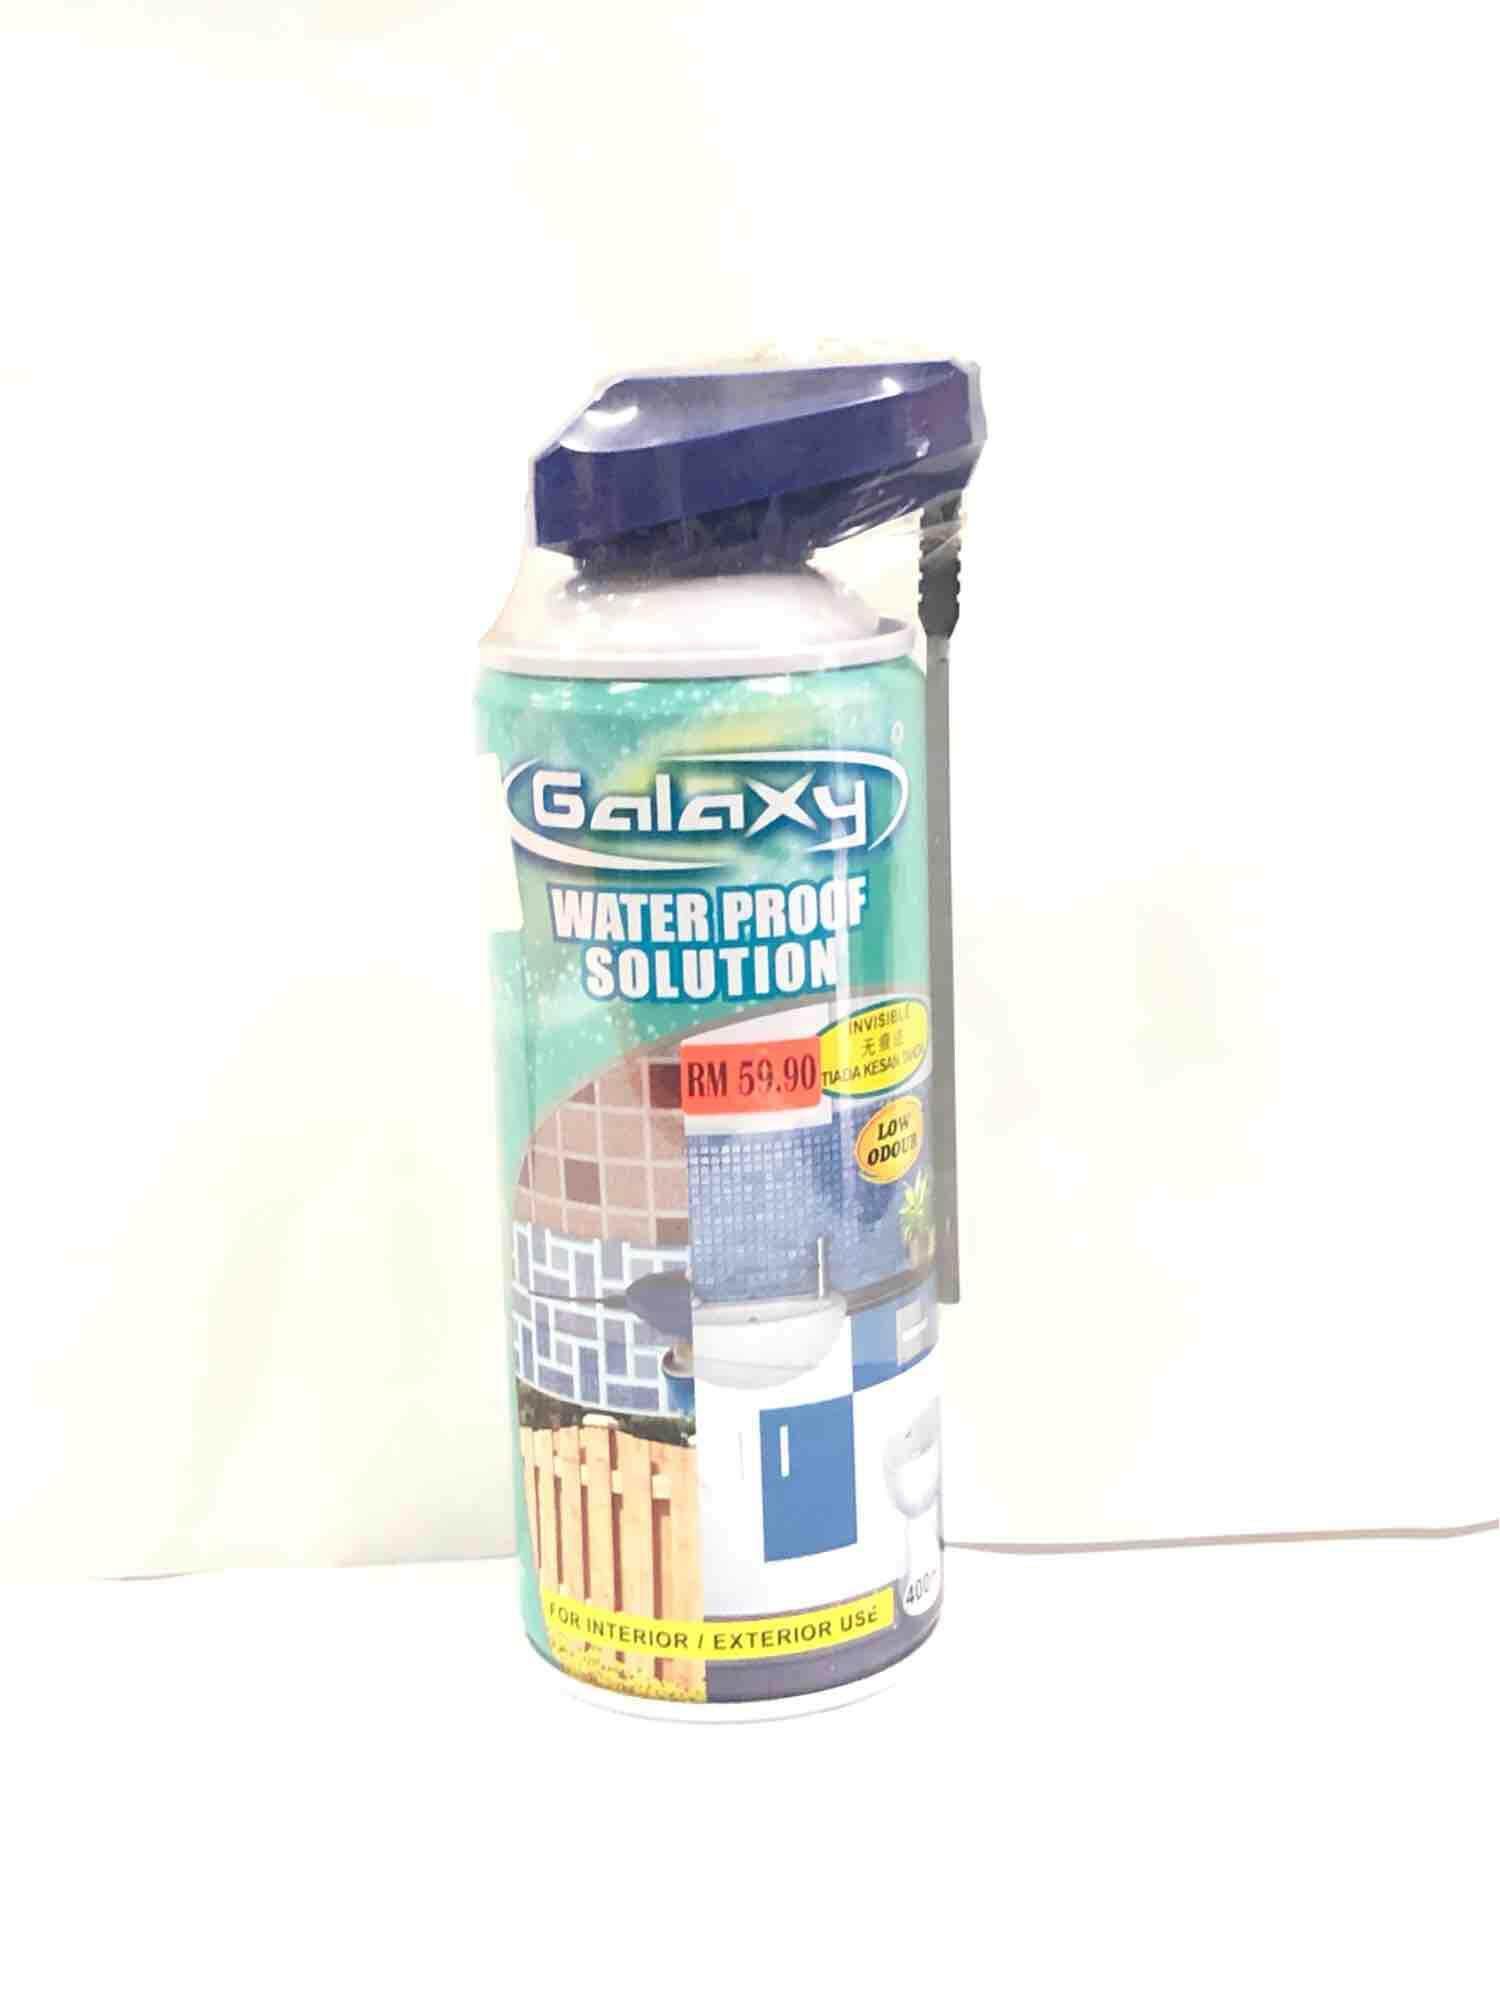 400ml Galaxy INTERIOR or EXTERIOR Spray waterproof Solution